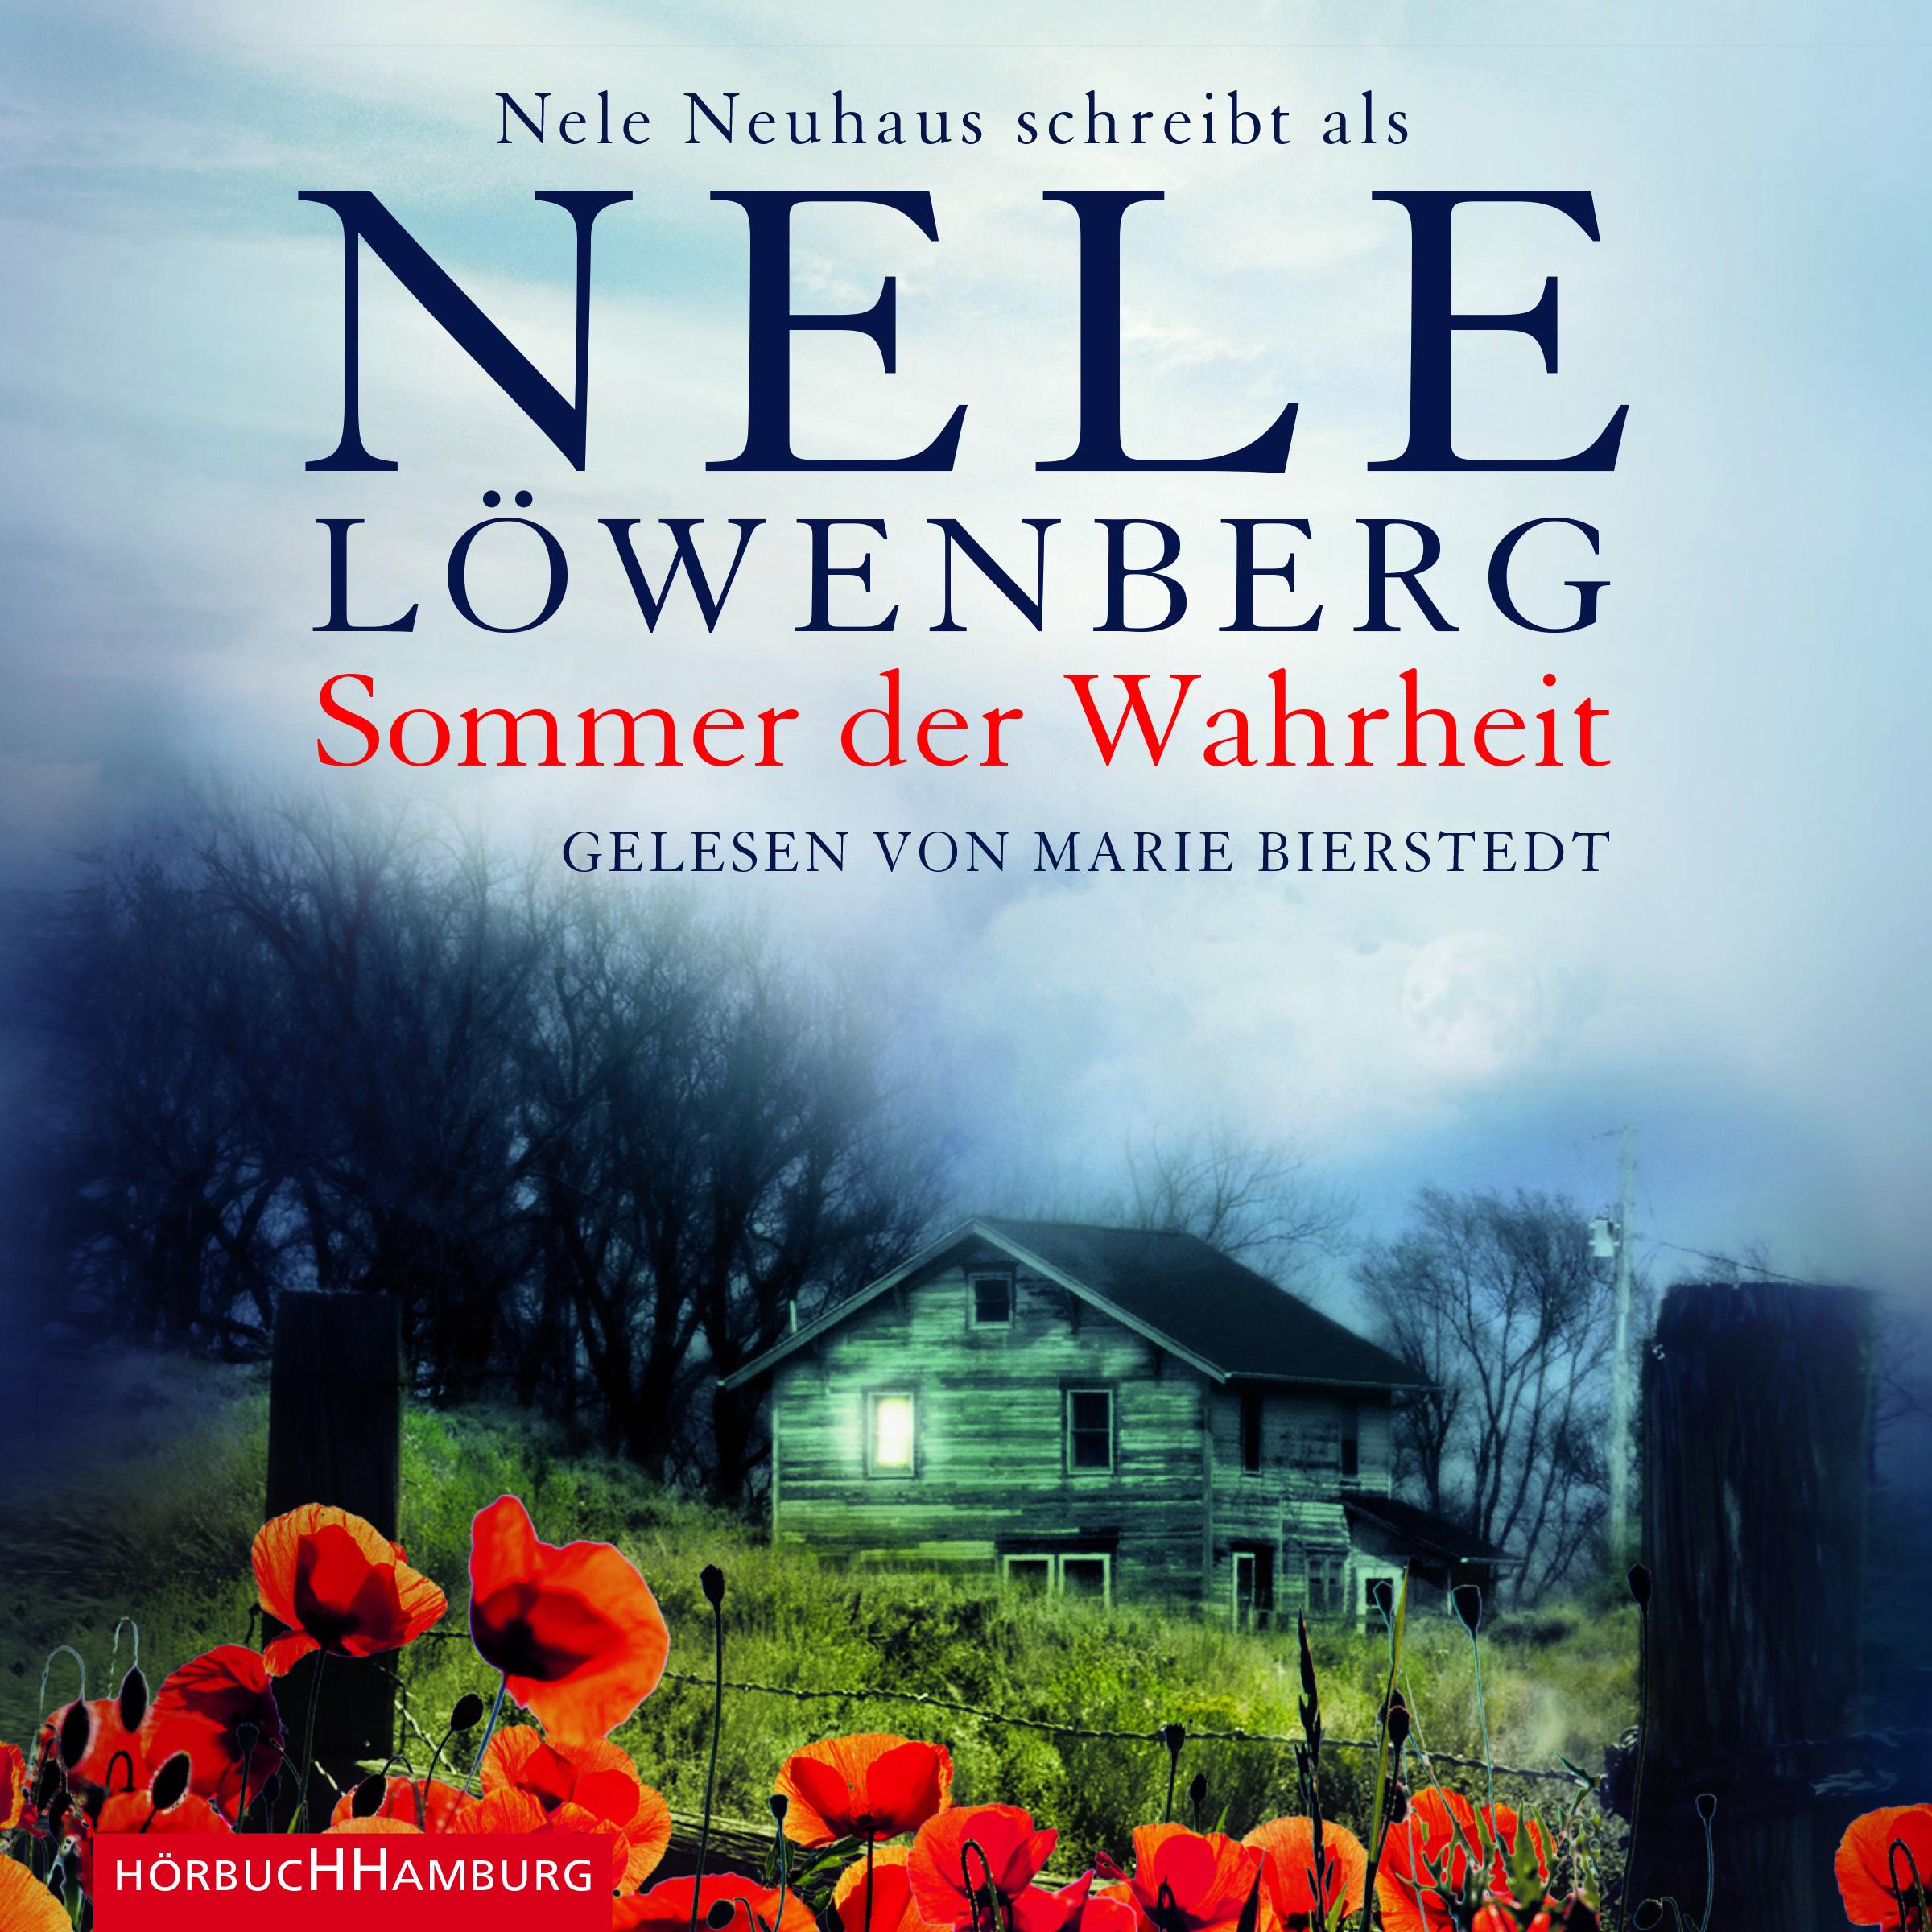 Cover für das Sommer der Wahrheit Hörbuch